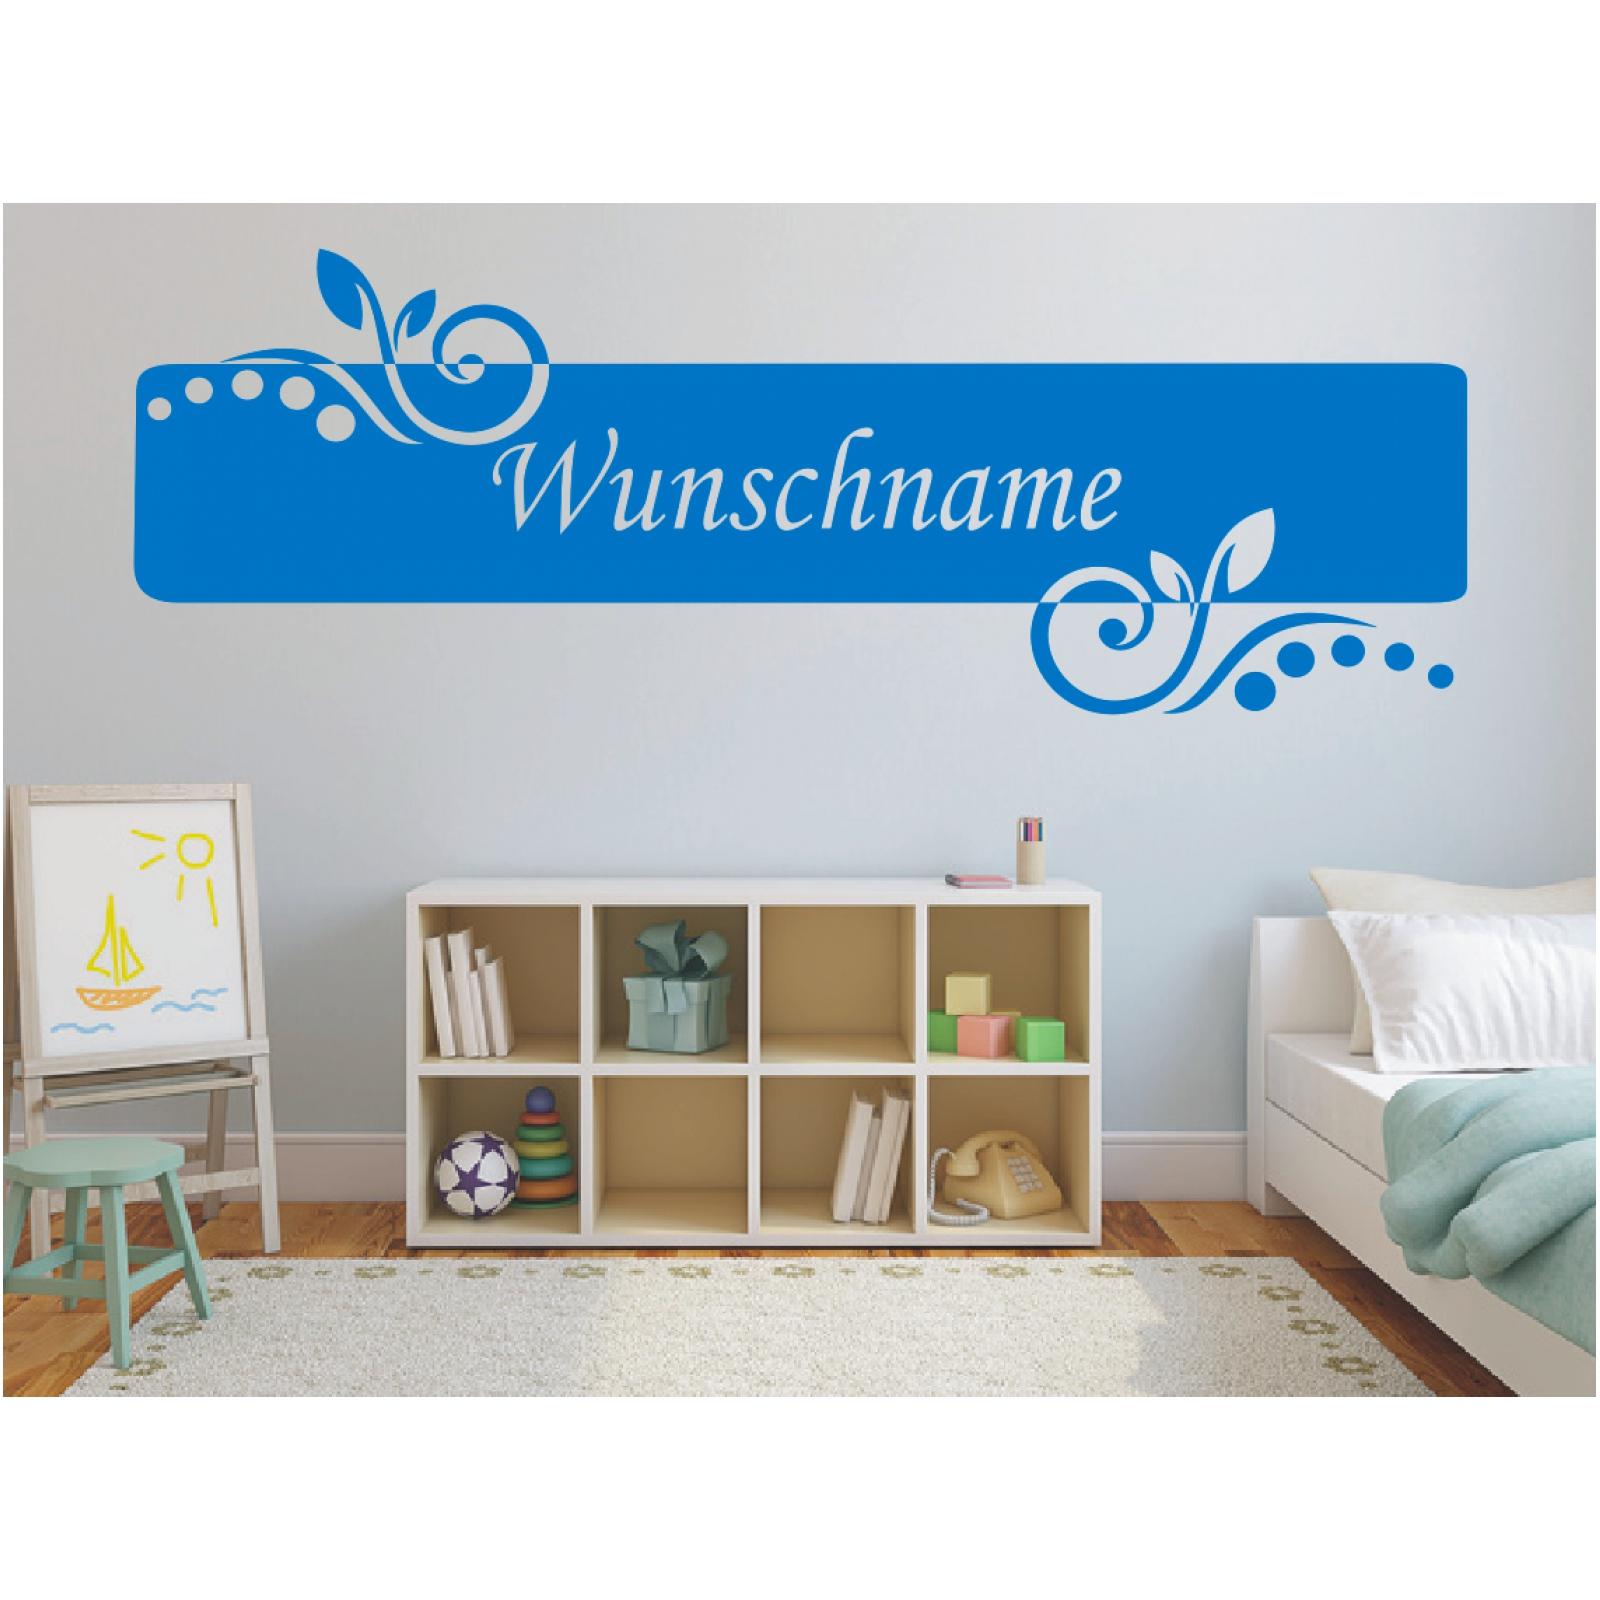 Wandtattoo-Banner-Name-Blume-Kinder-Wunschname-Wunschtext-Sticker-Wandaufkleber Indexbild 4